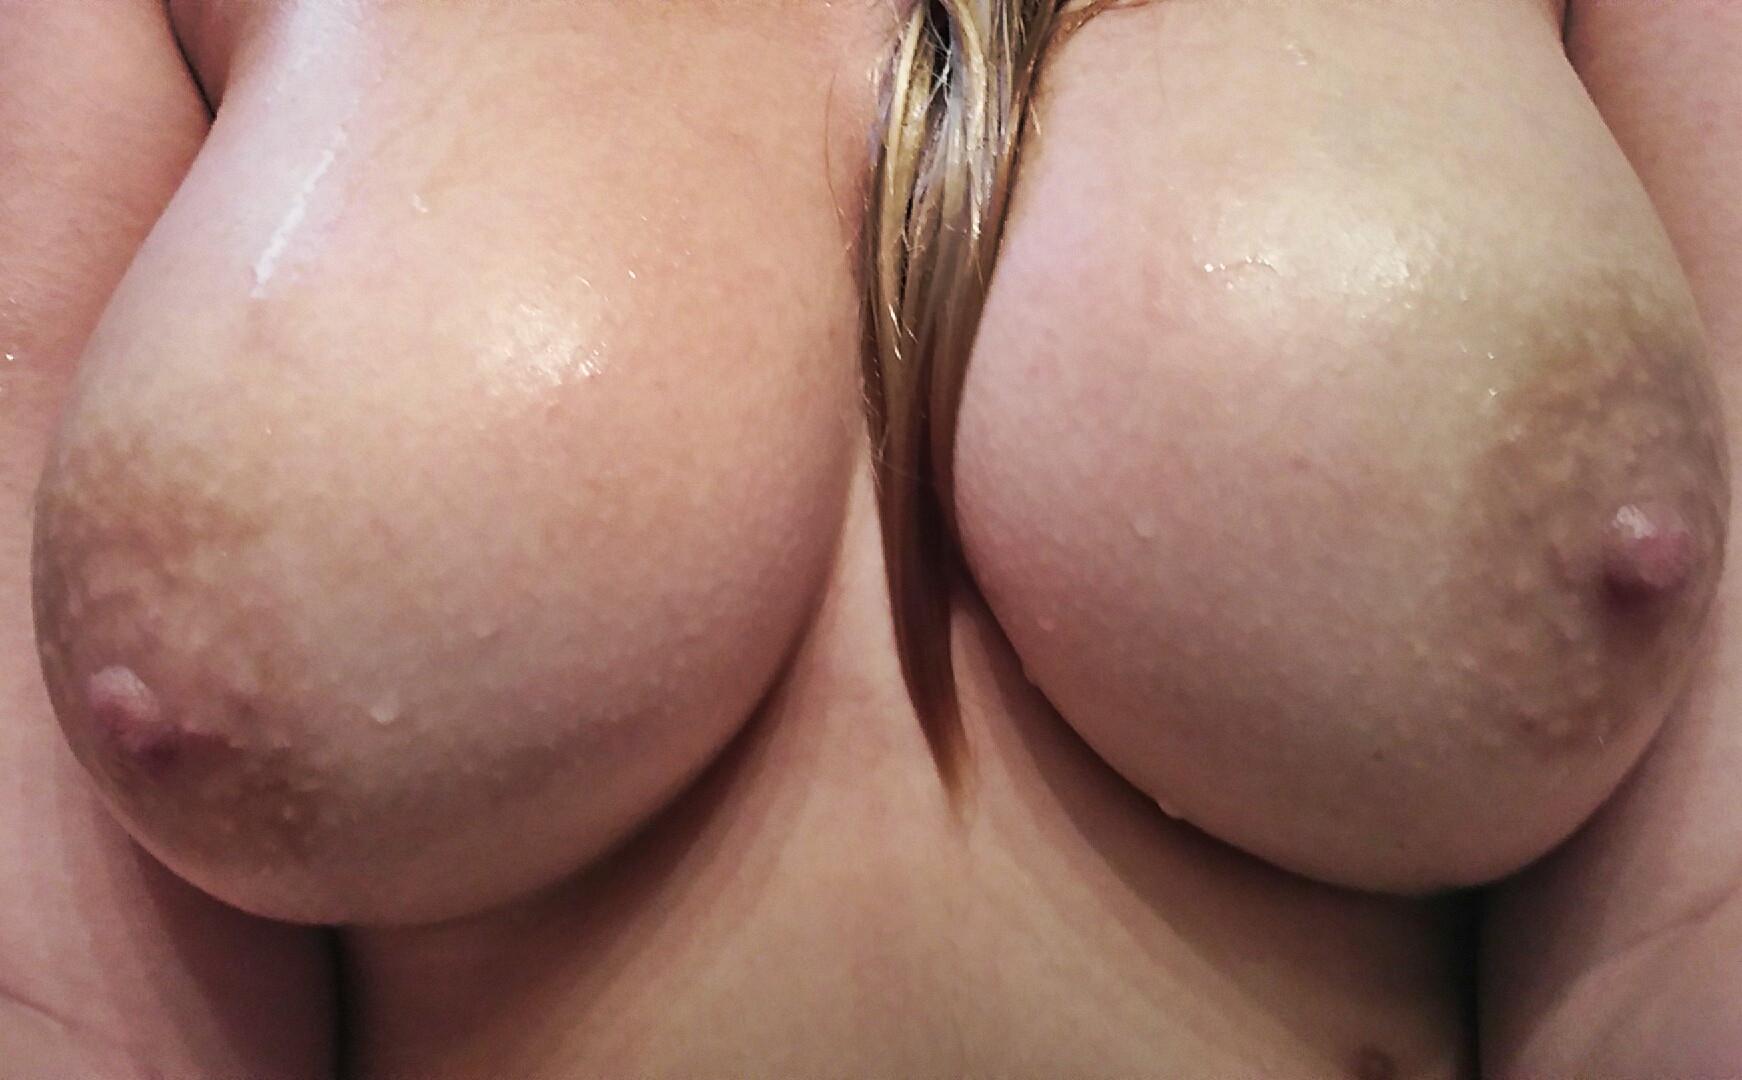 långt hår indisk stort bröst